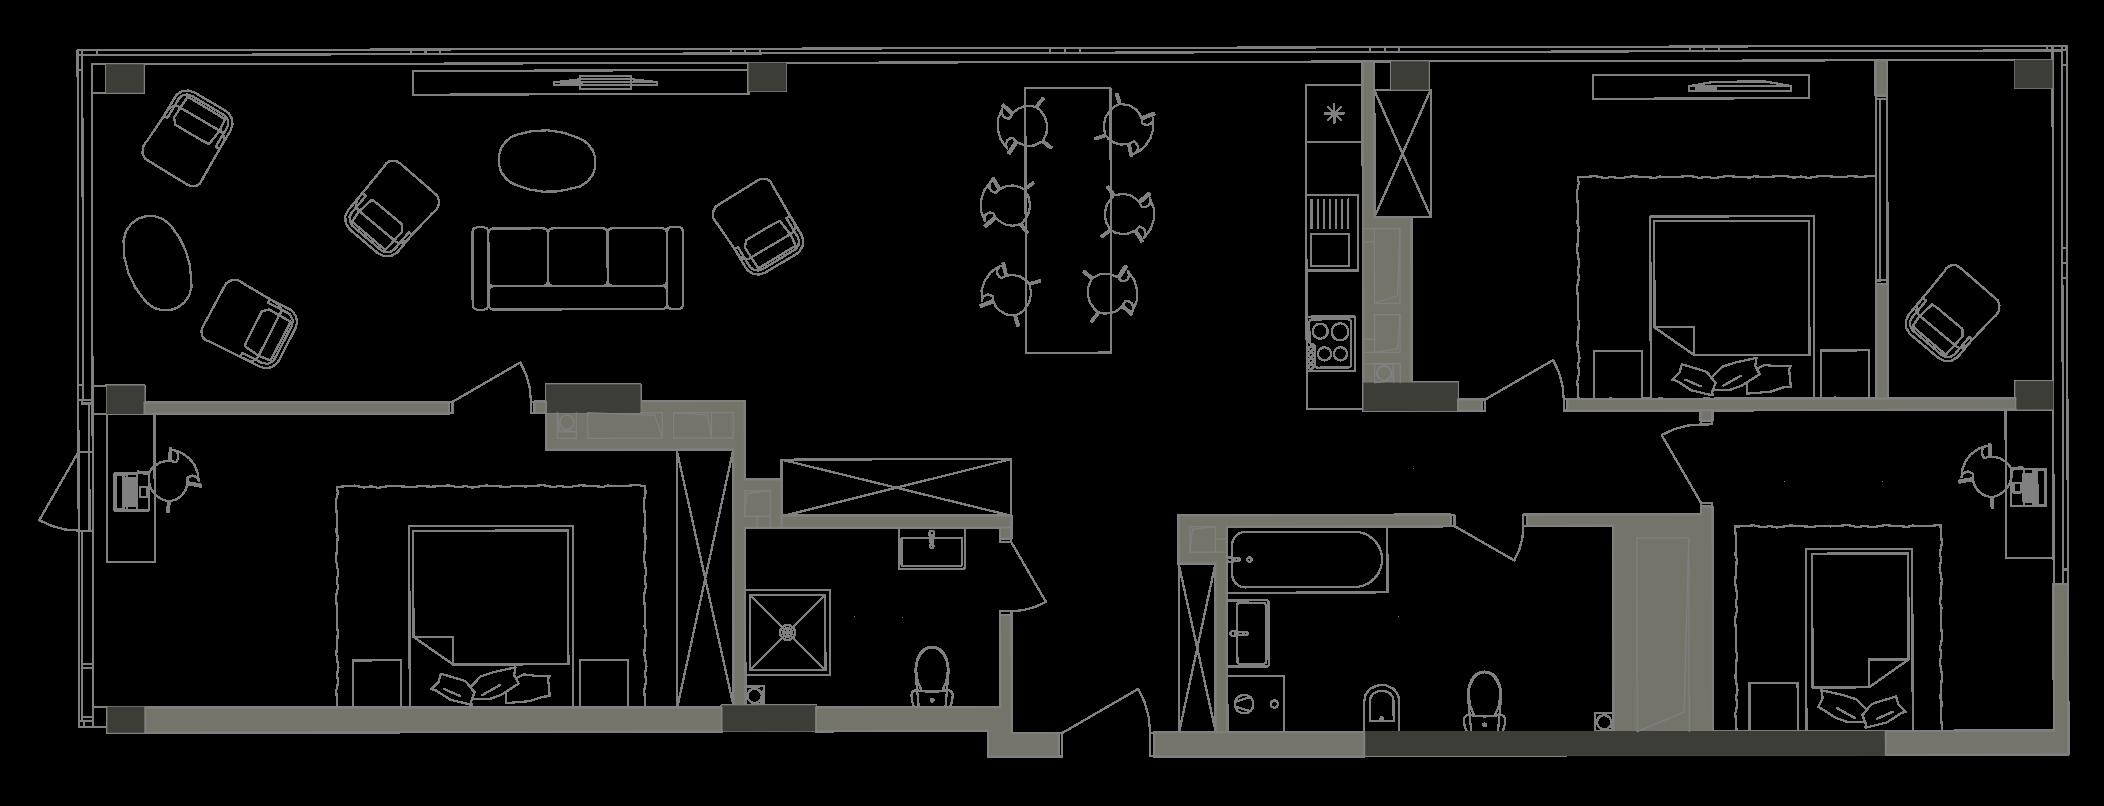 Квартира KV_106_3C_1_1_6